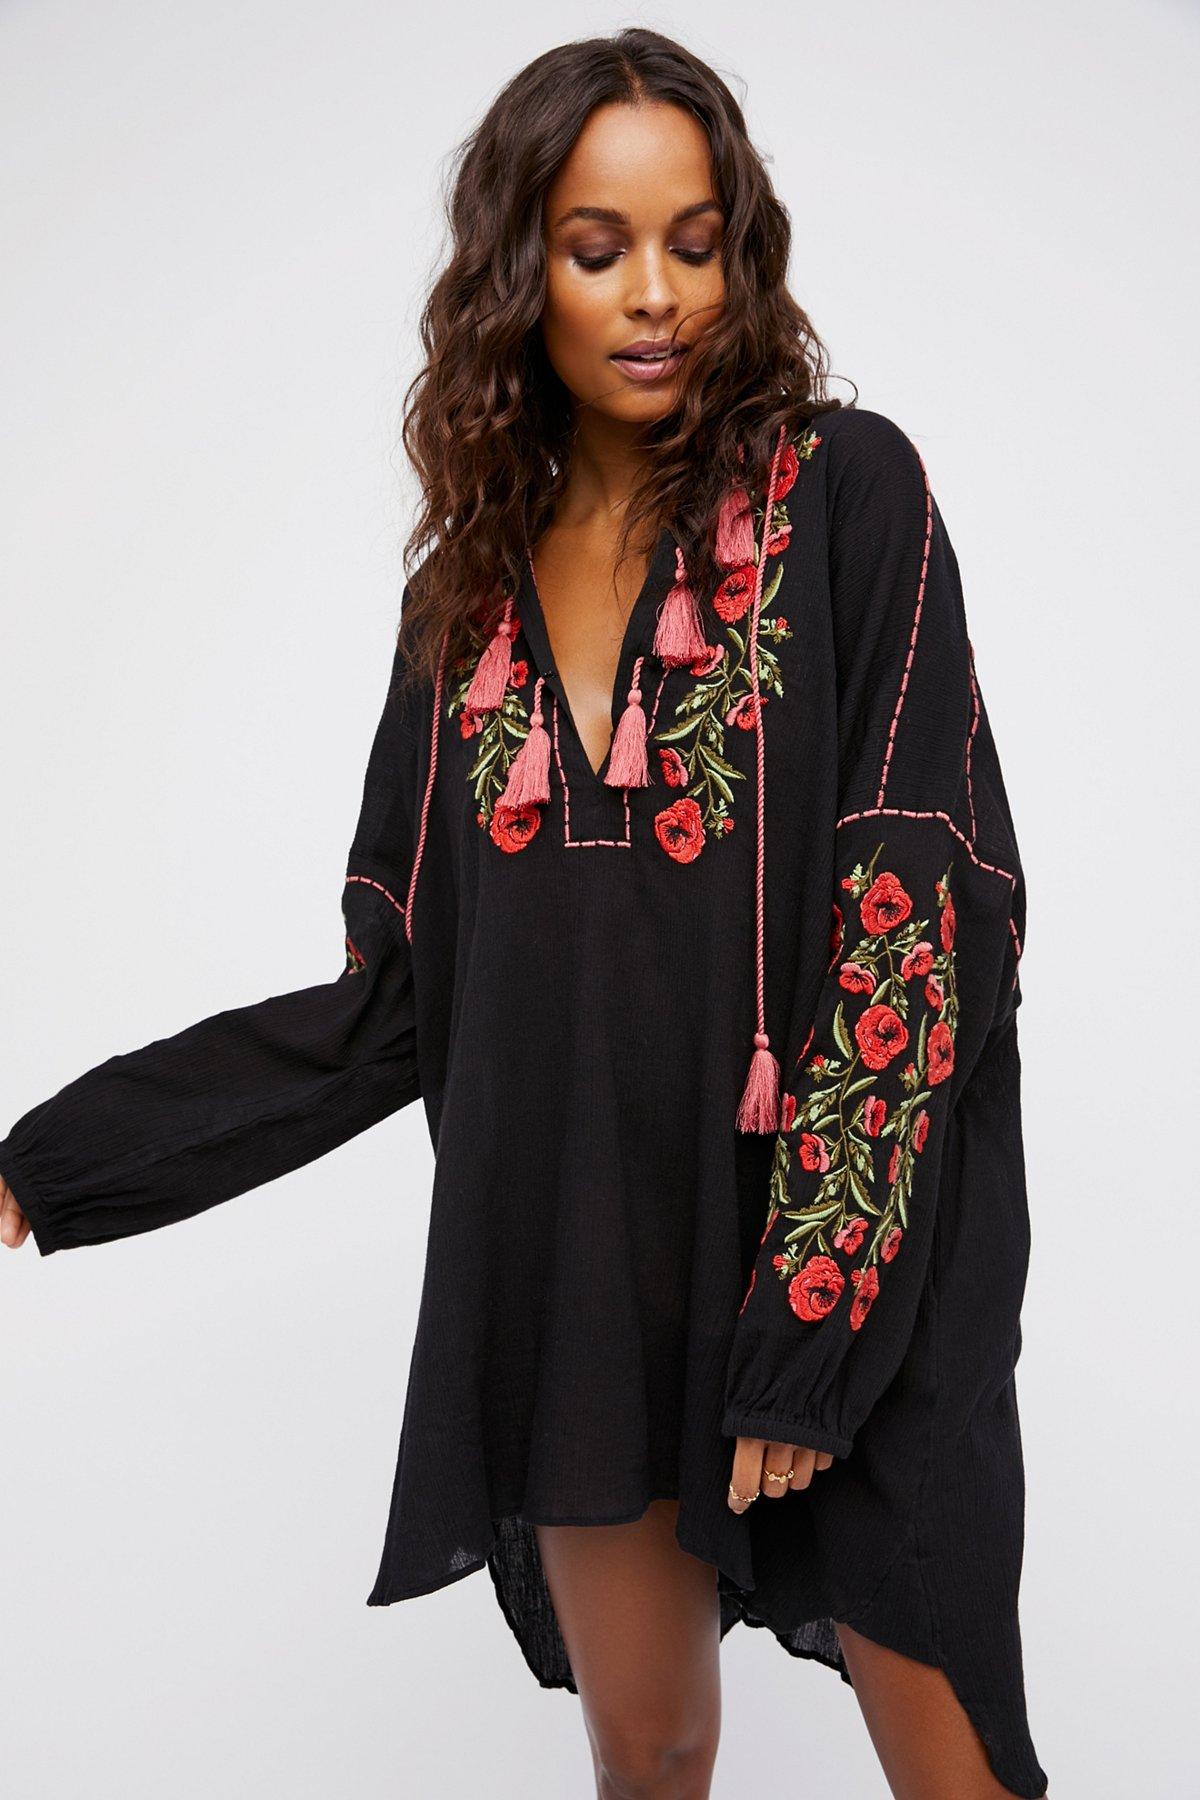 Willow衬衫式连衣裙